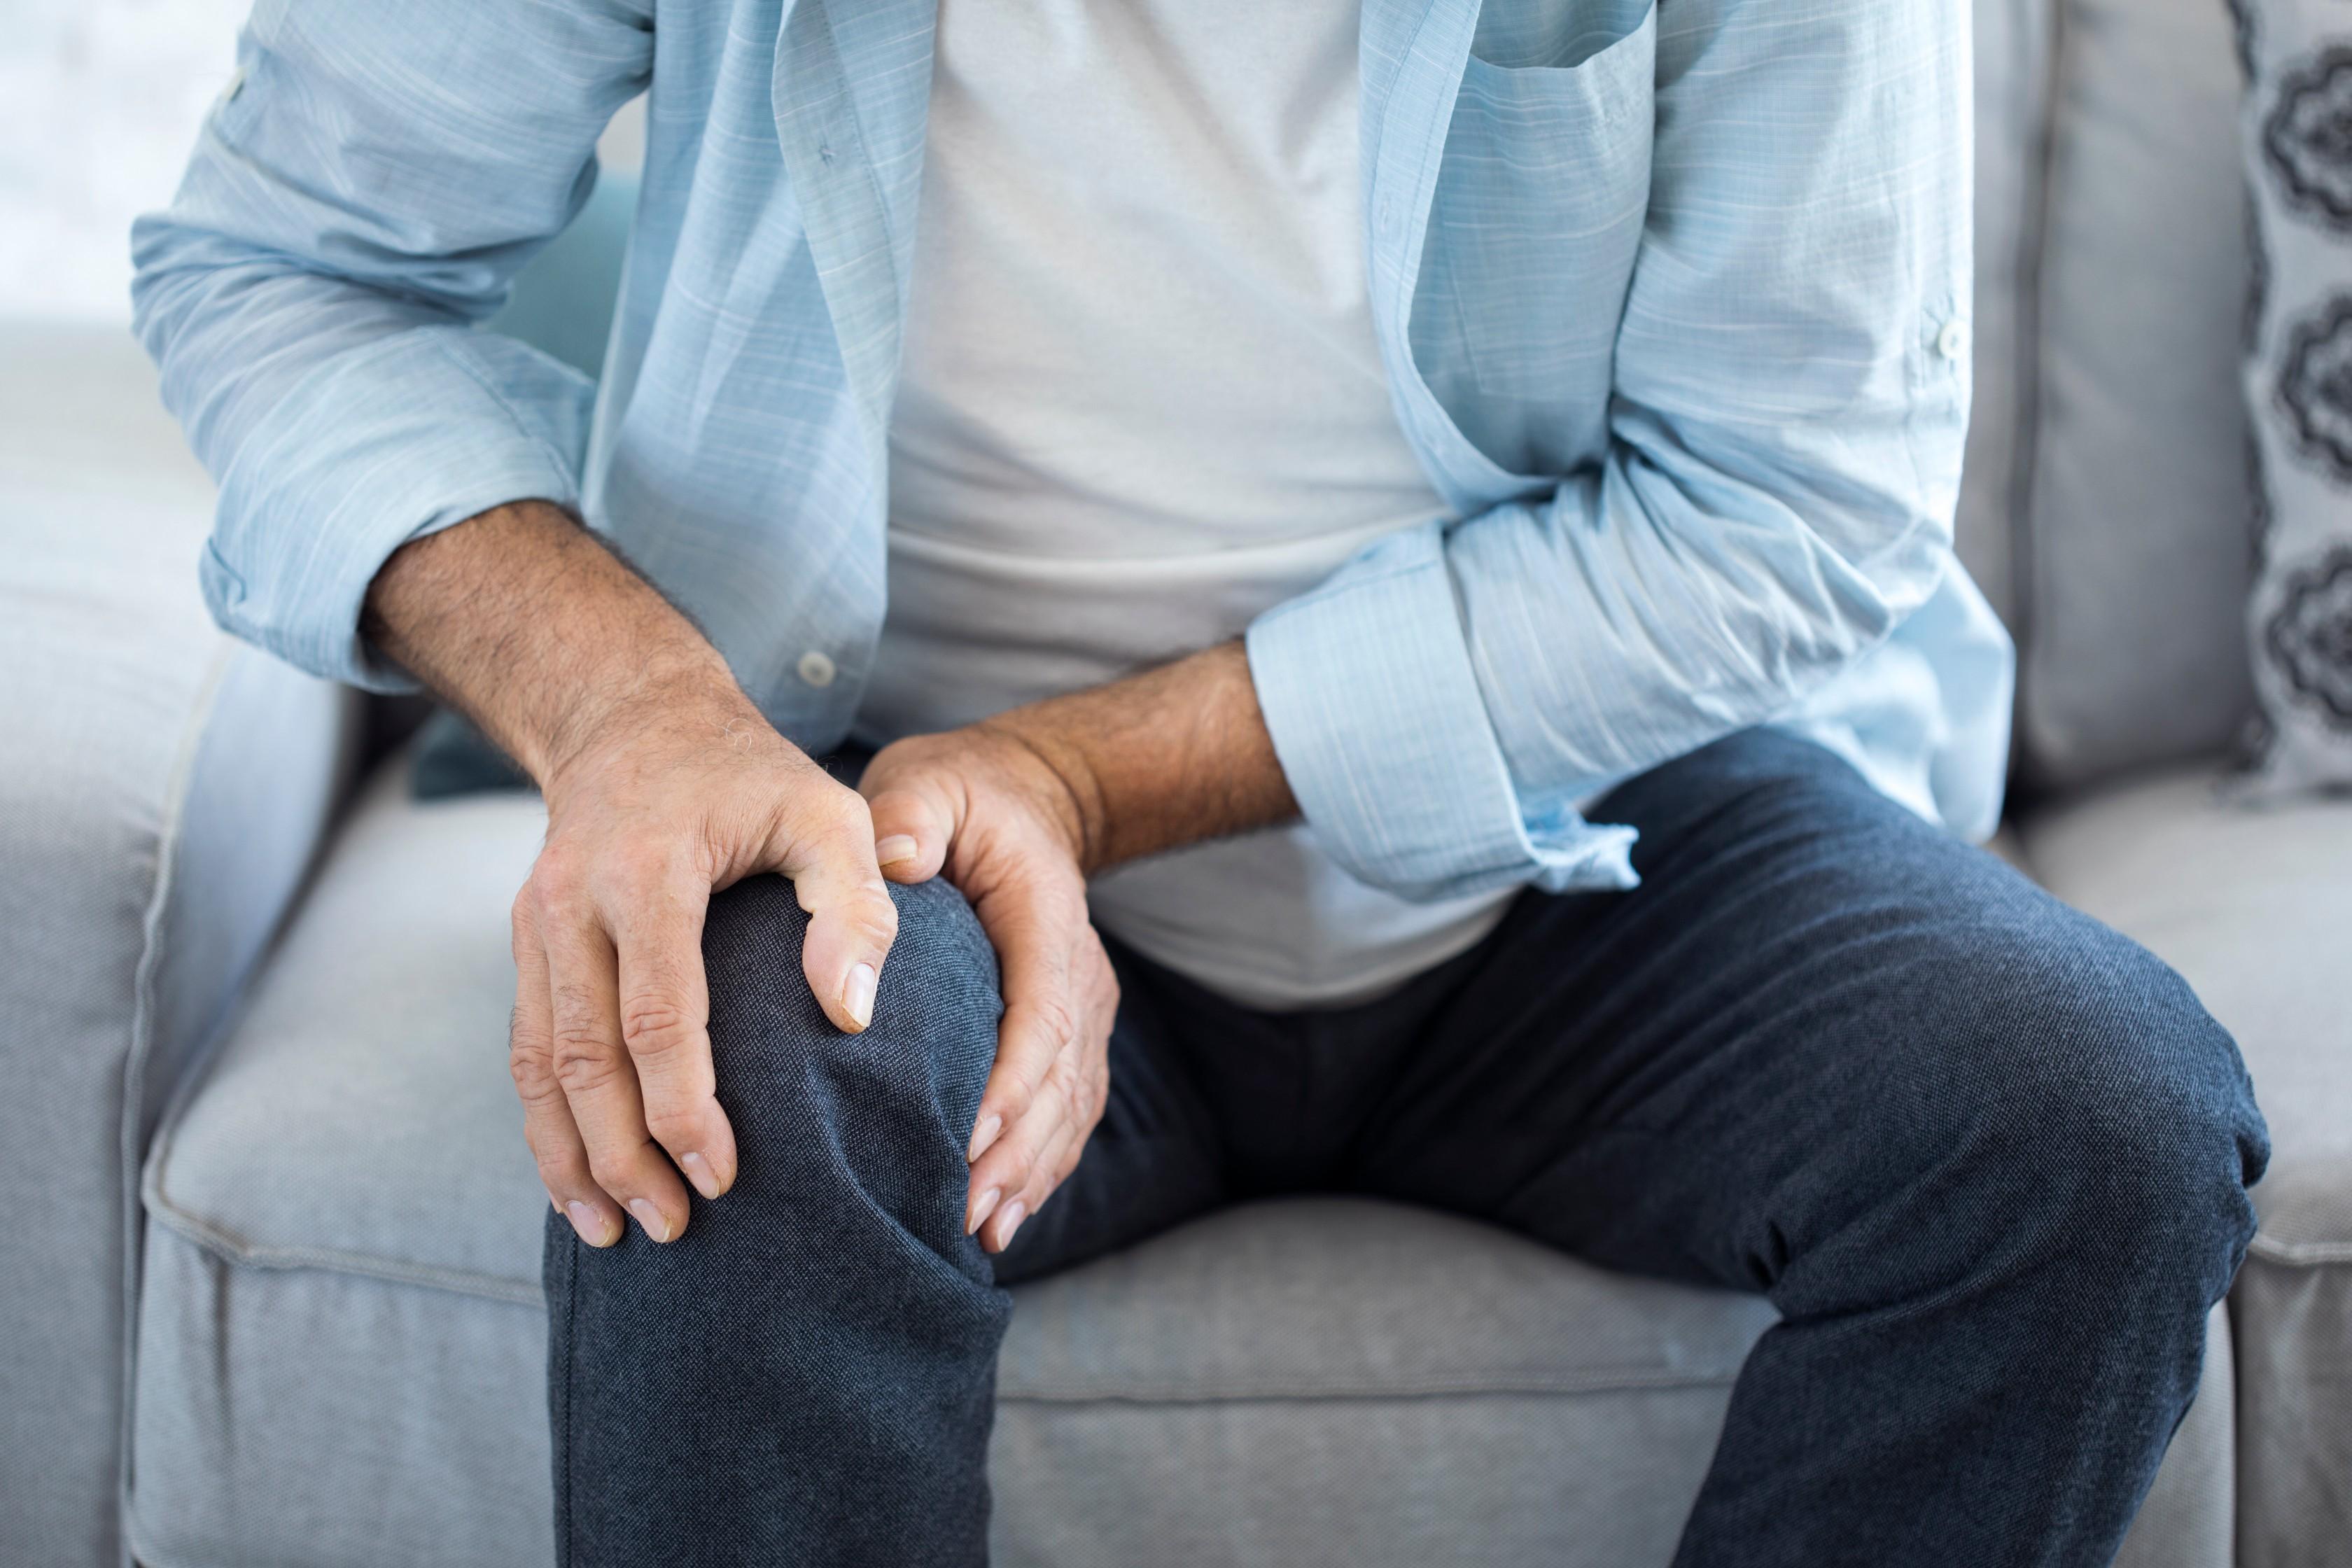 migrációs fájdalom a lábak ízületeiben)